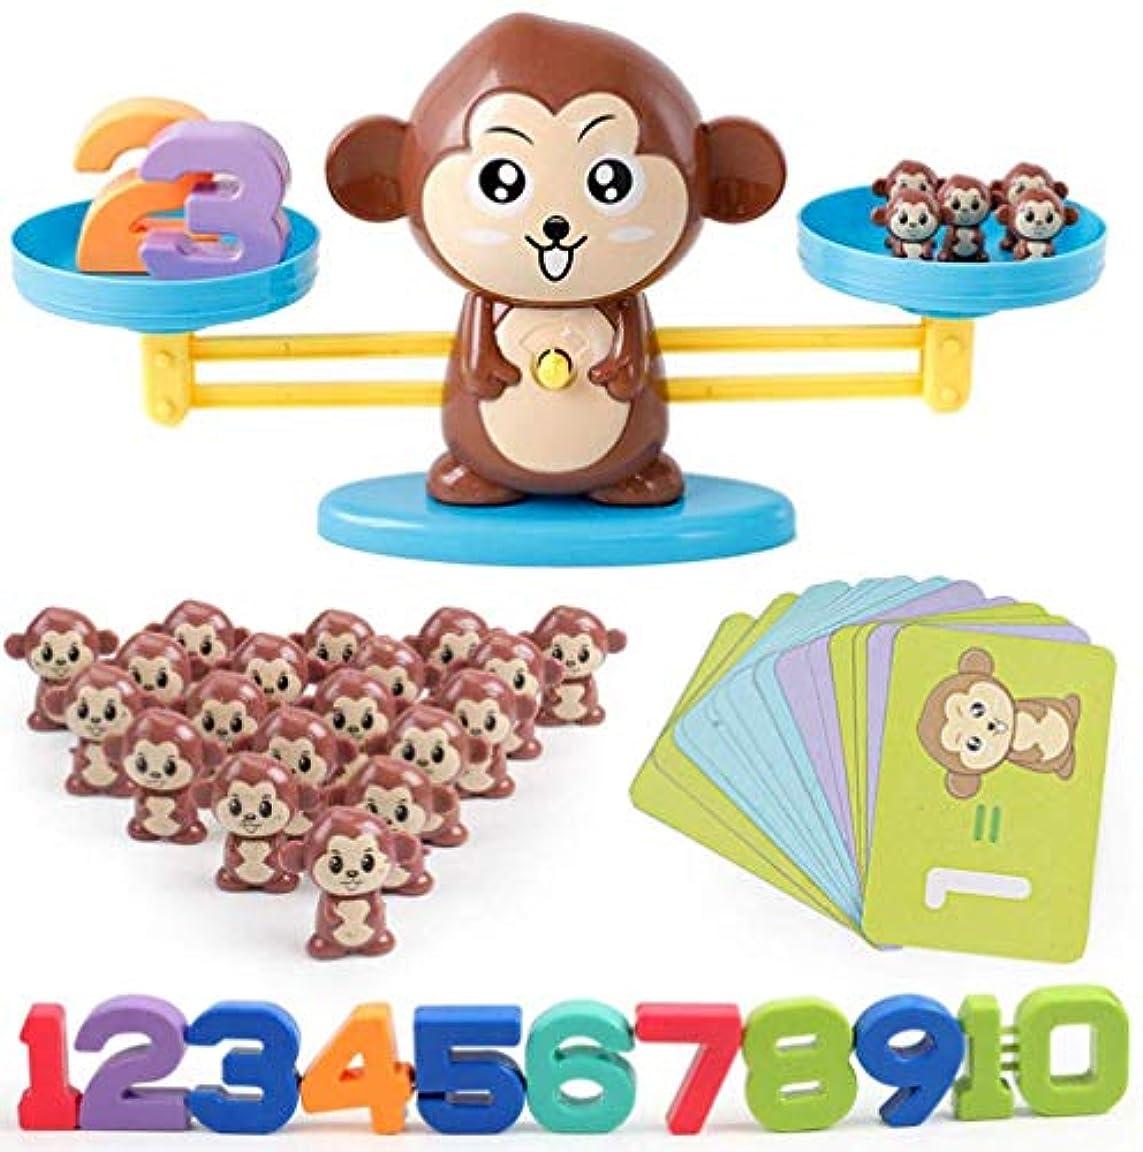 生き残りますアンデス山脈ウガンダXcaptain バランスゲーム 子供 天秤 知育玩具 セット 指先訓練 数字の基礎を覚える 子ども んびん 子供 キッズ 足し算 引き算 幼児 数のお勉強 子ども 幼児 知育 オモチャ 玩具 幼稚園 教具